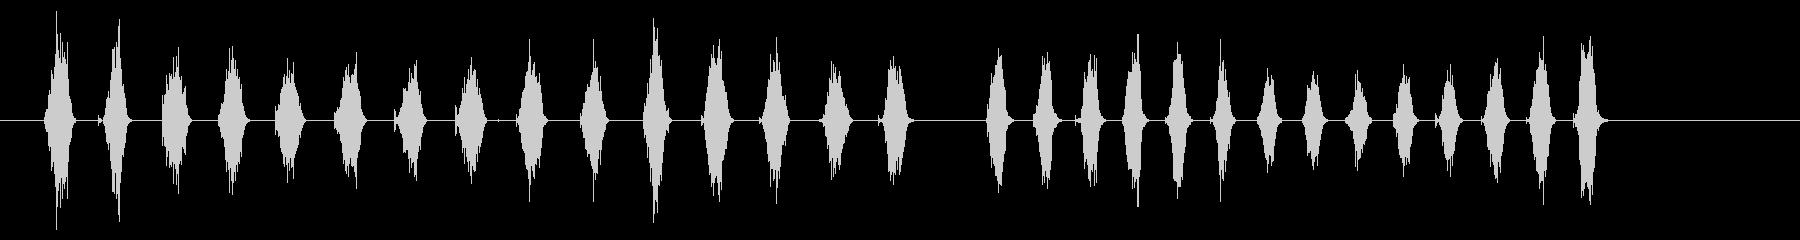 金属のこぎり1の未再生の波形